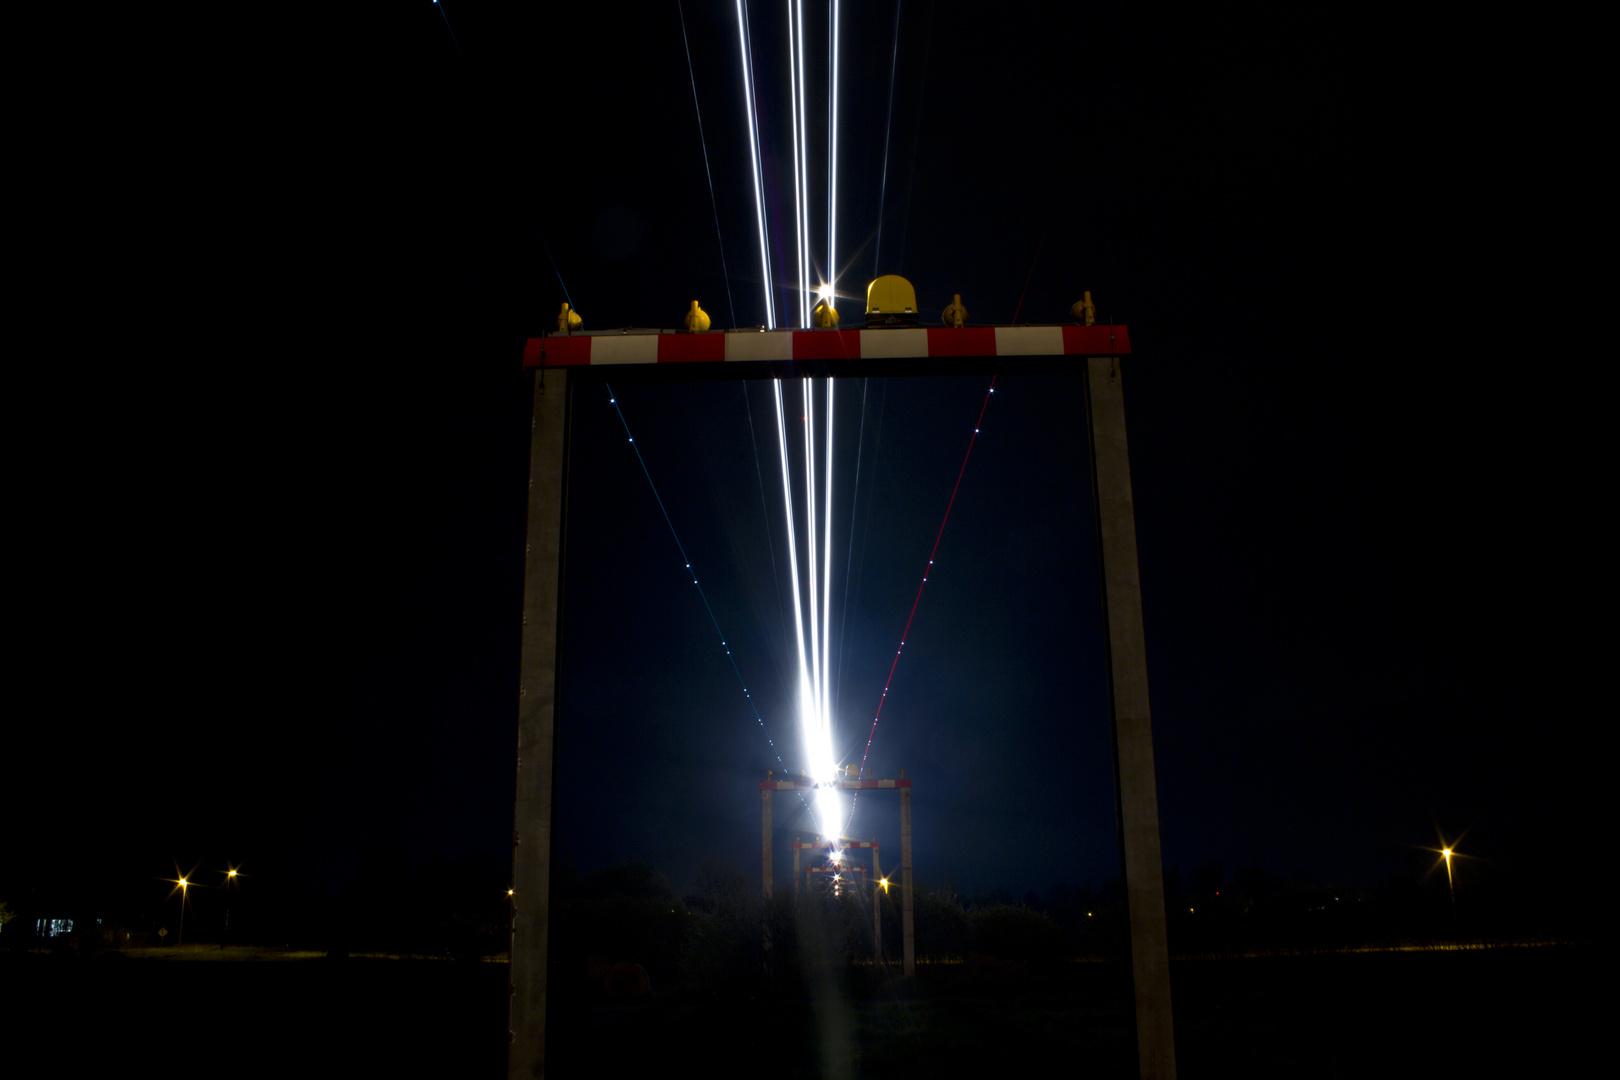 Landeanflug bei Nacht